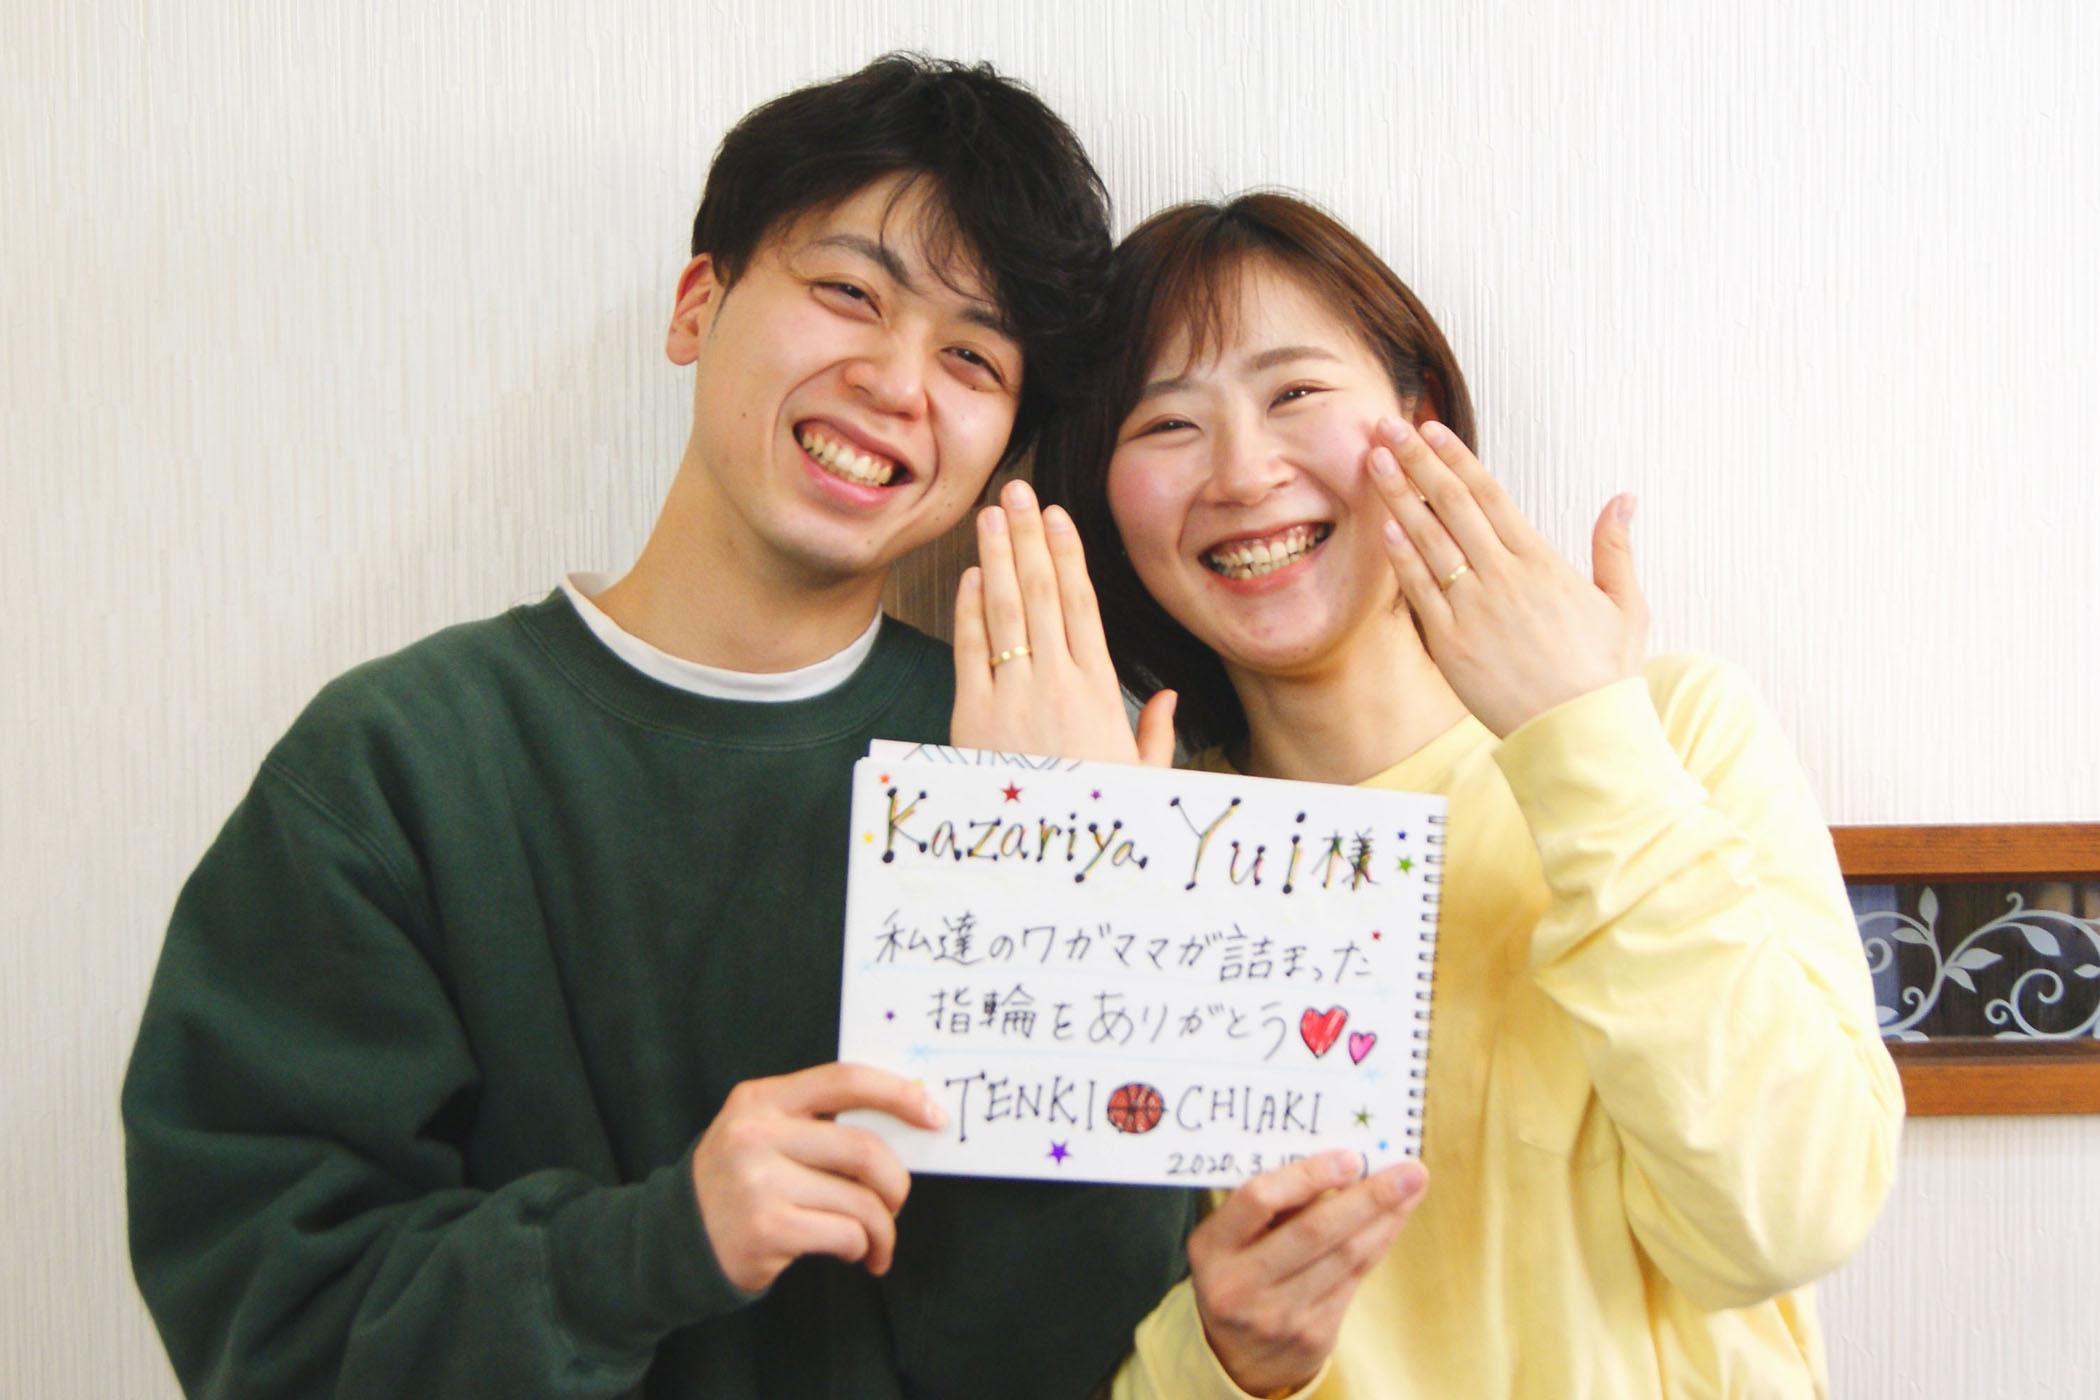 白河市からお越しの神林さんご夫妻/kazariyaYui福島県郡山市